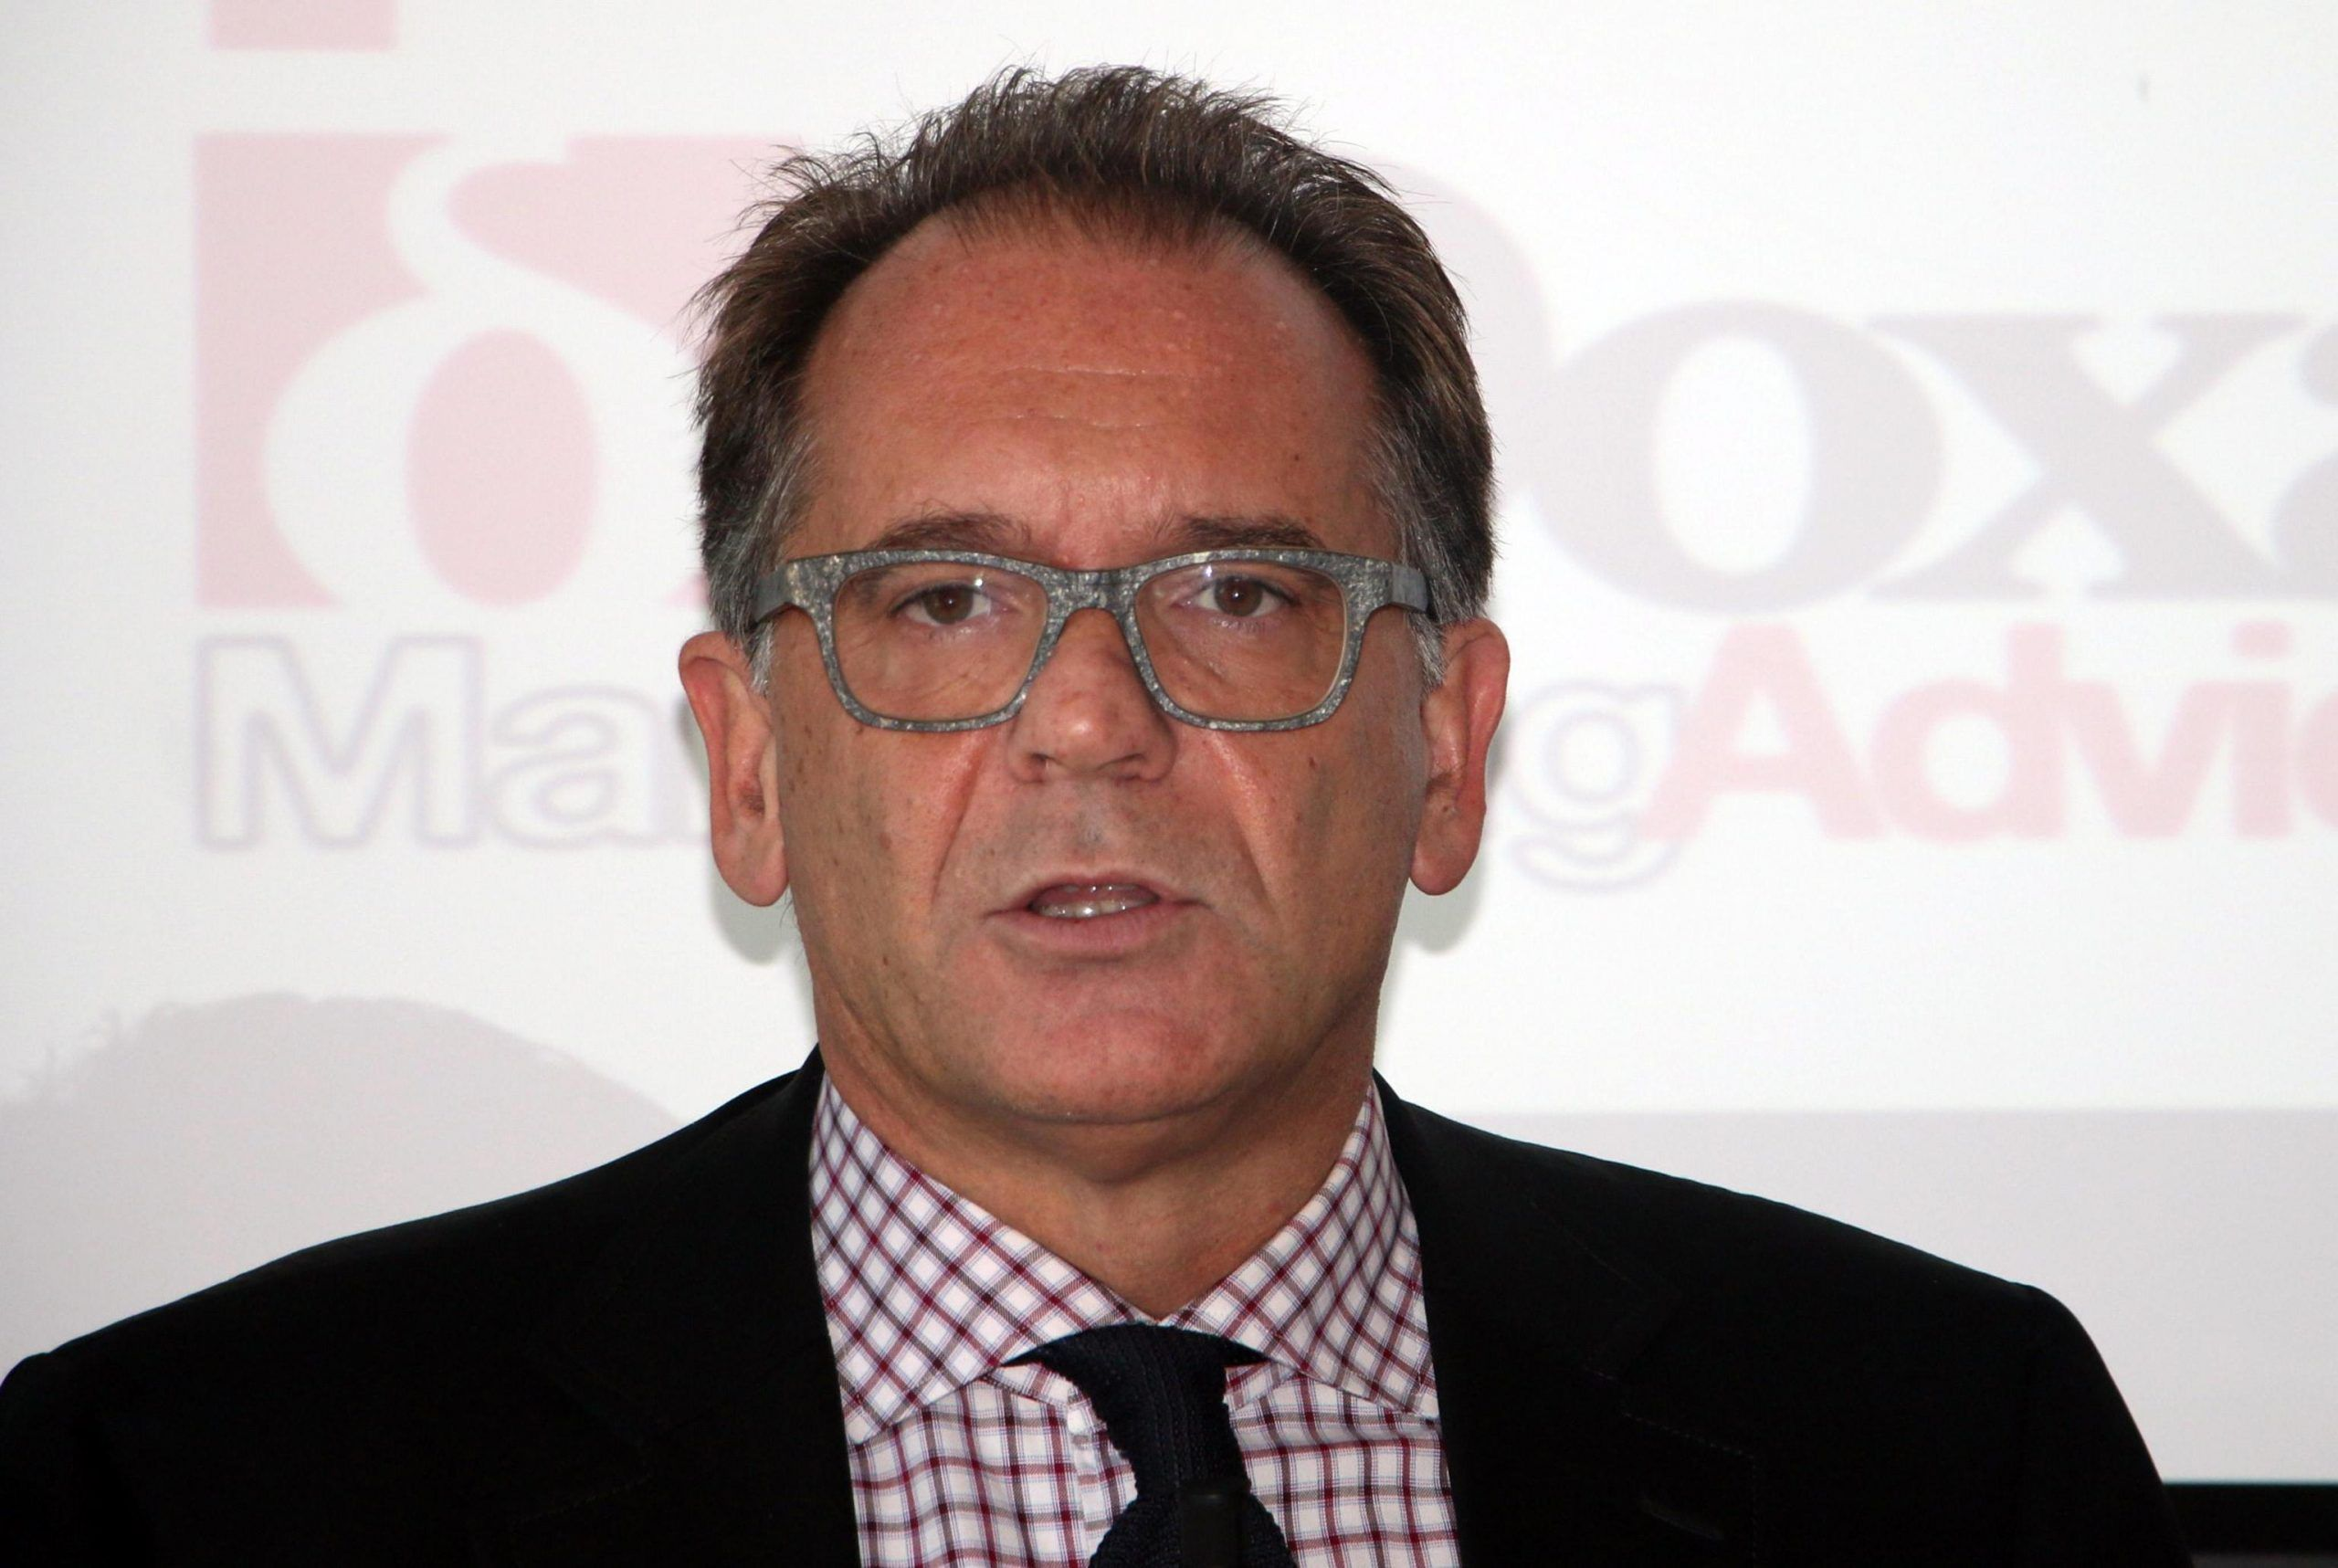 Alessandro Cecchi Paone single